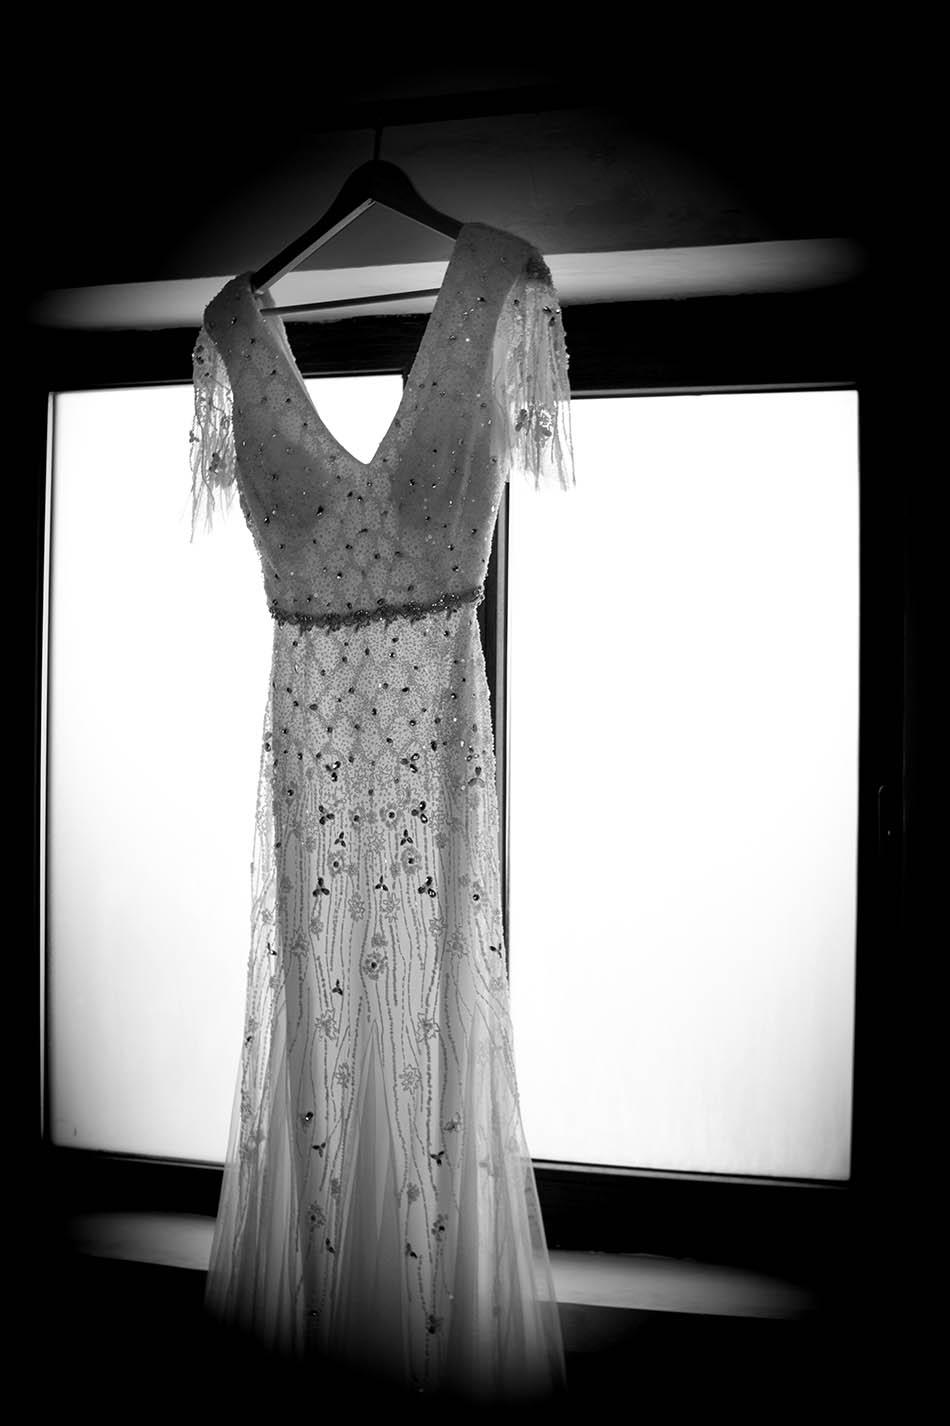 Vestido de novias, fotografia de bodas, ceremonia de bodas, fotografo tenerife